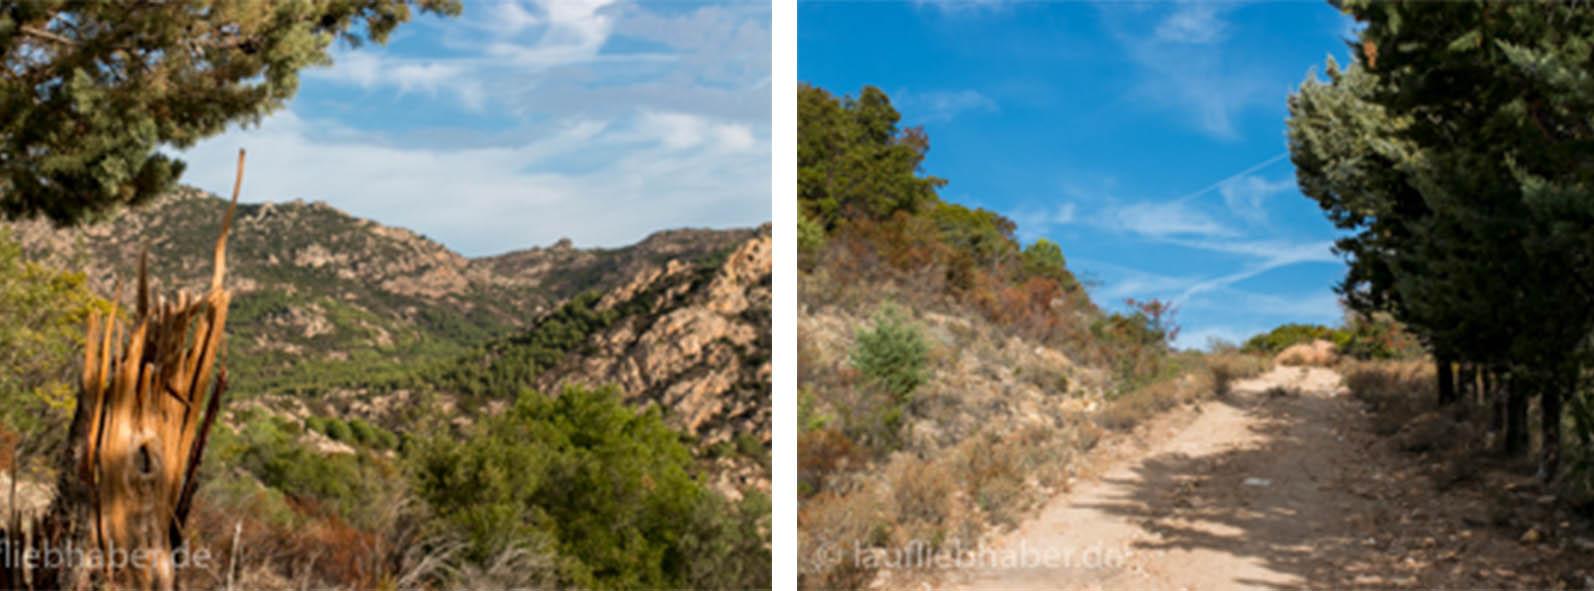 Sardinien Trail 5